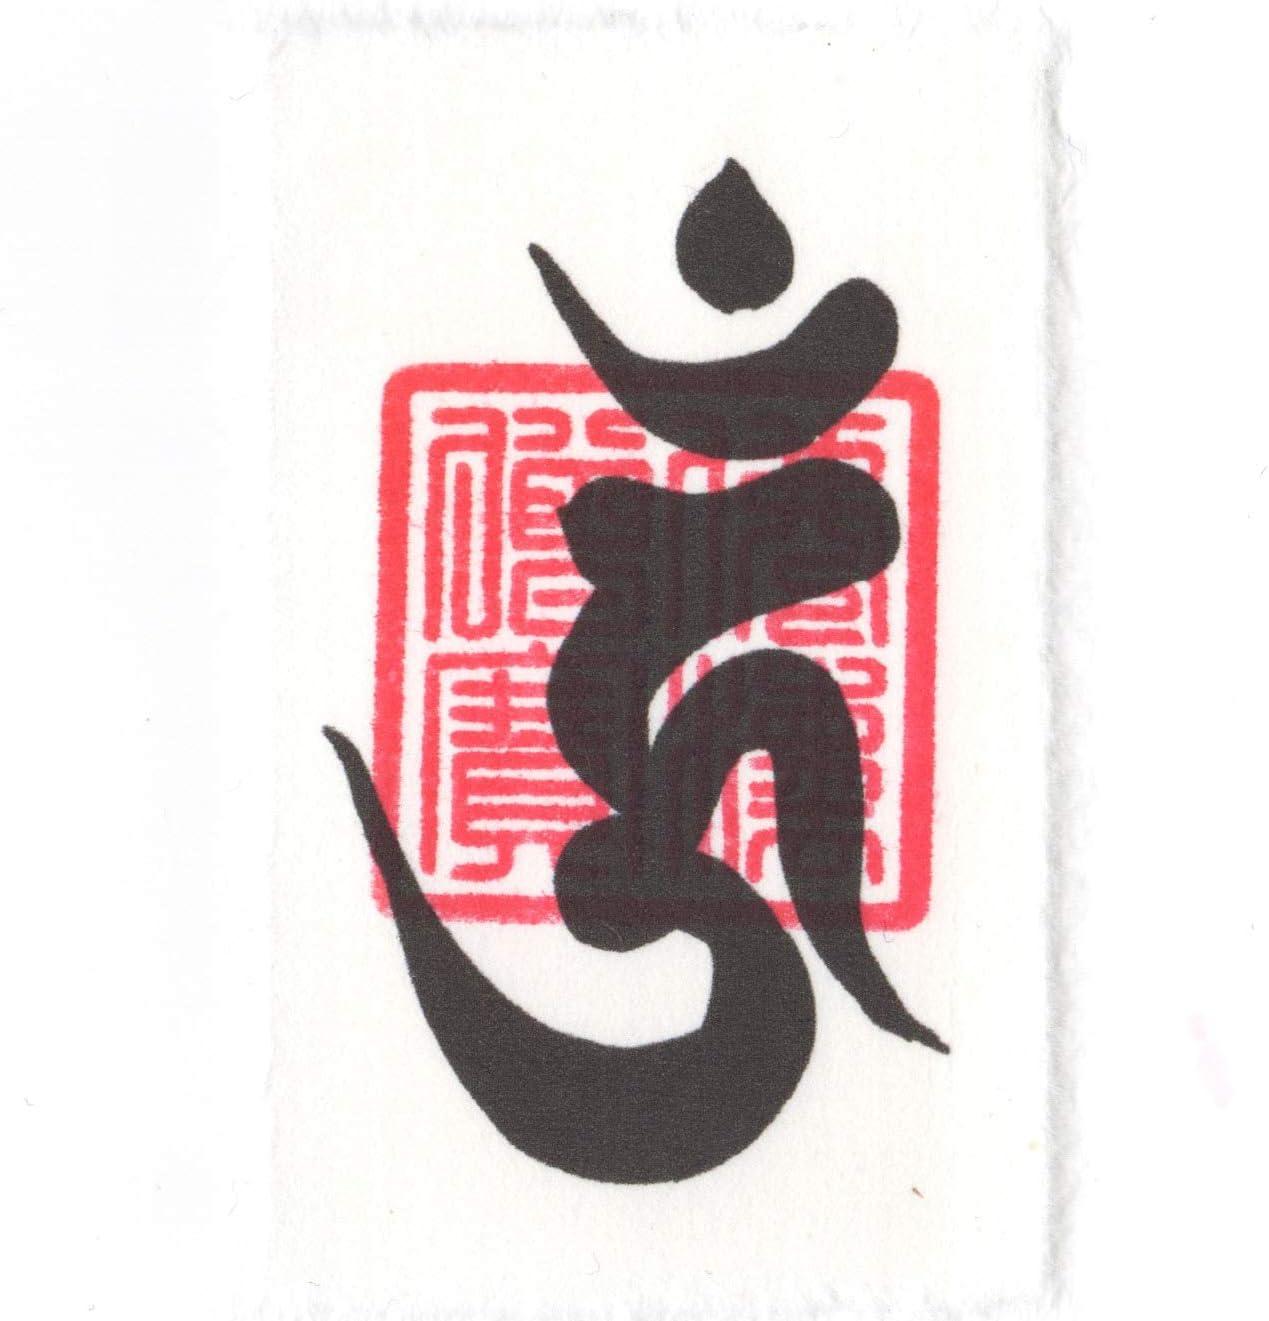 【呪い返し】開運梵字護符「降三世明王」お守り 他人から受けた悪霊を払い返す強力な護符(財布に入る名刺サイズ)